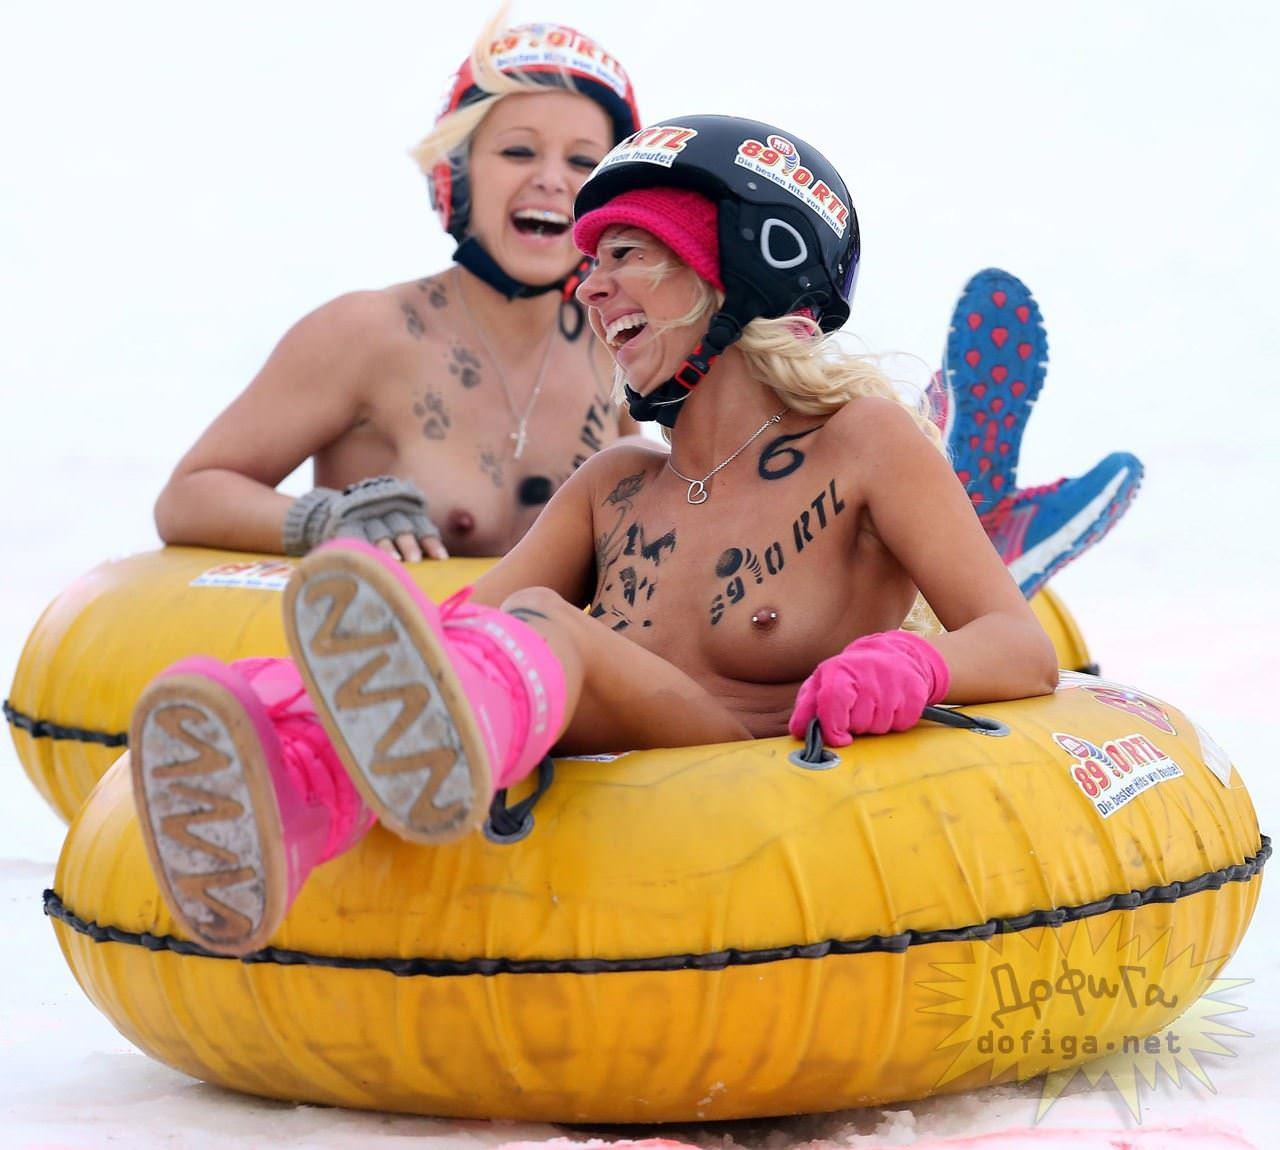 【外人】ドイツのヌードソリ世界選手権2014で金髪美女めっちゃ可愛い露出ポルノ画像 1889